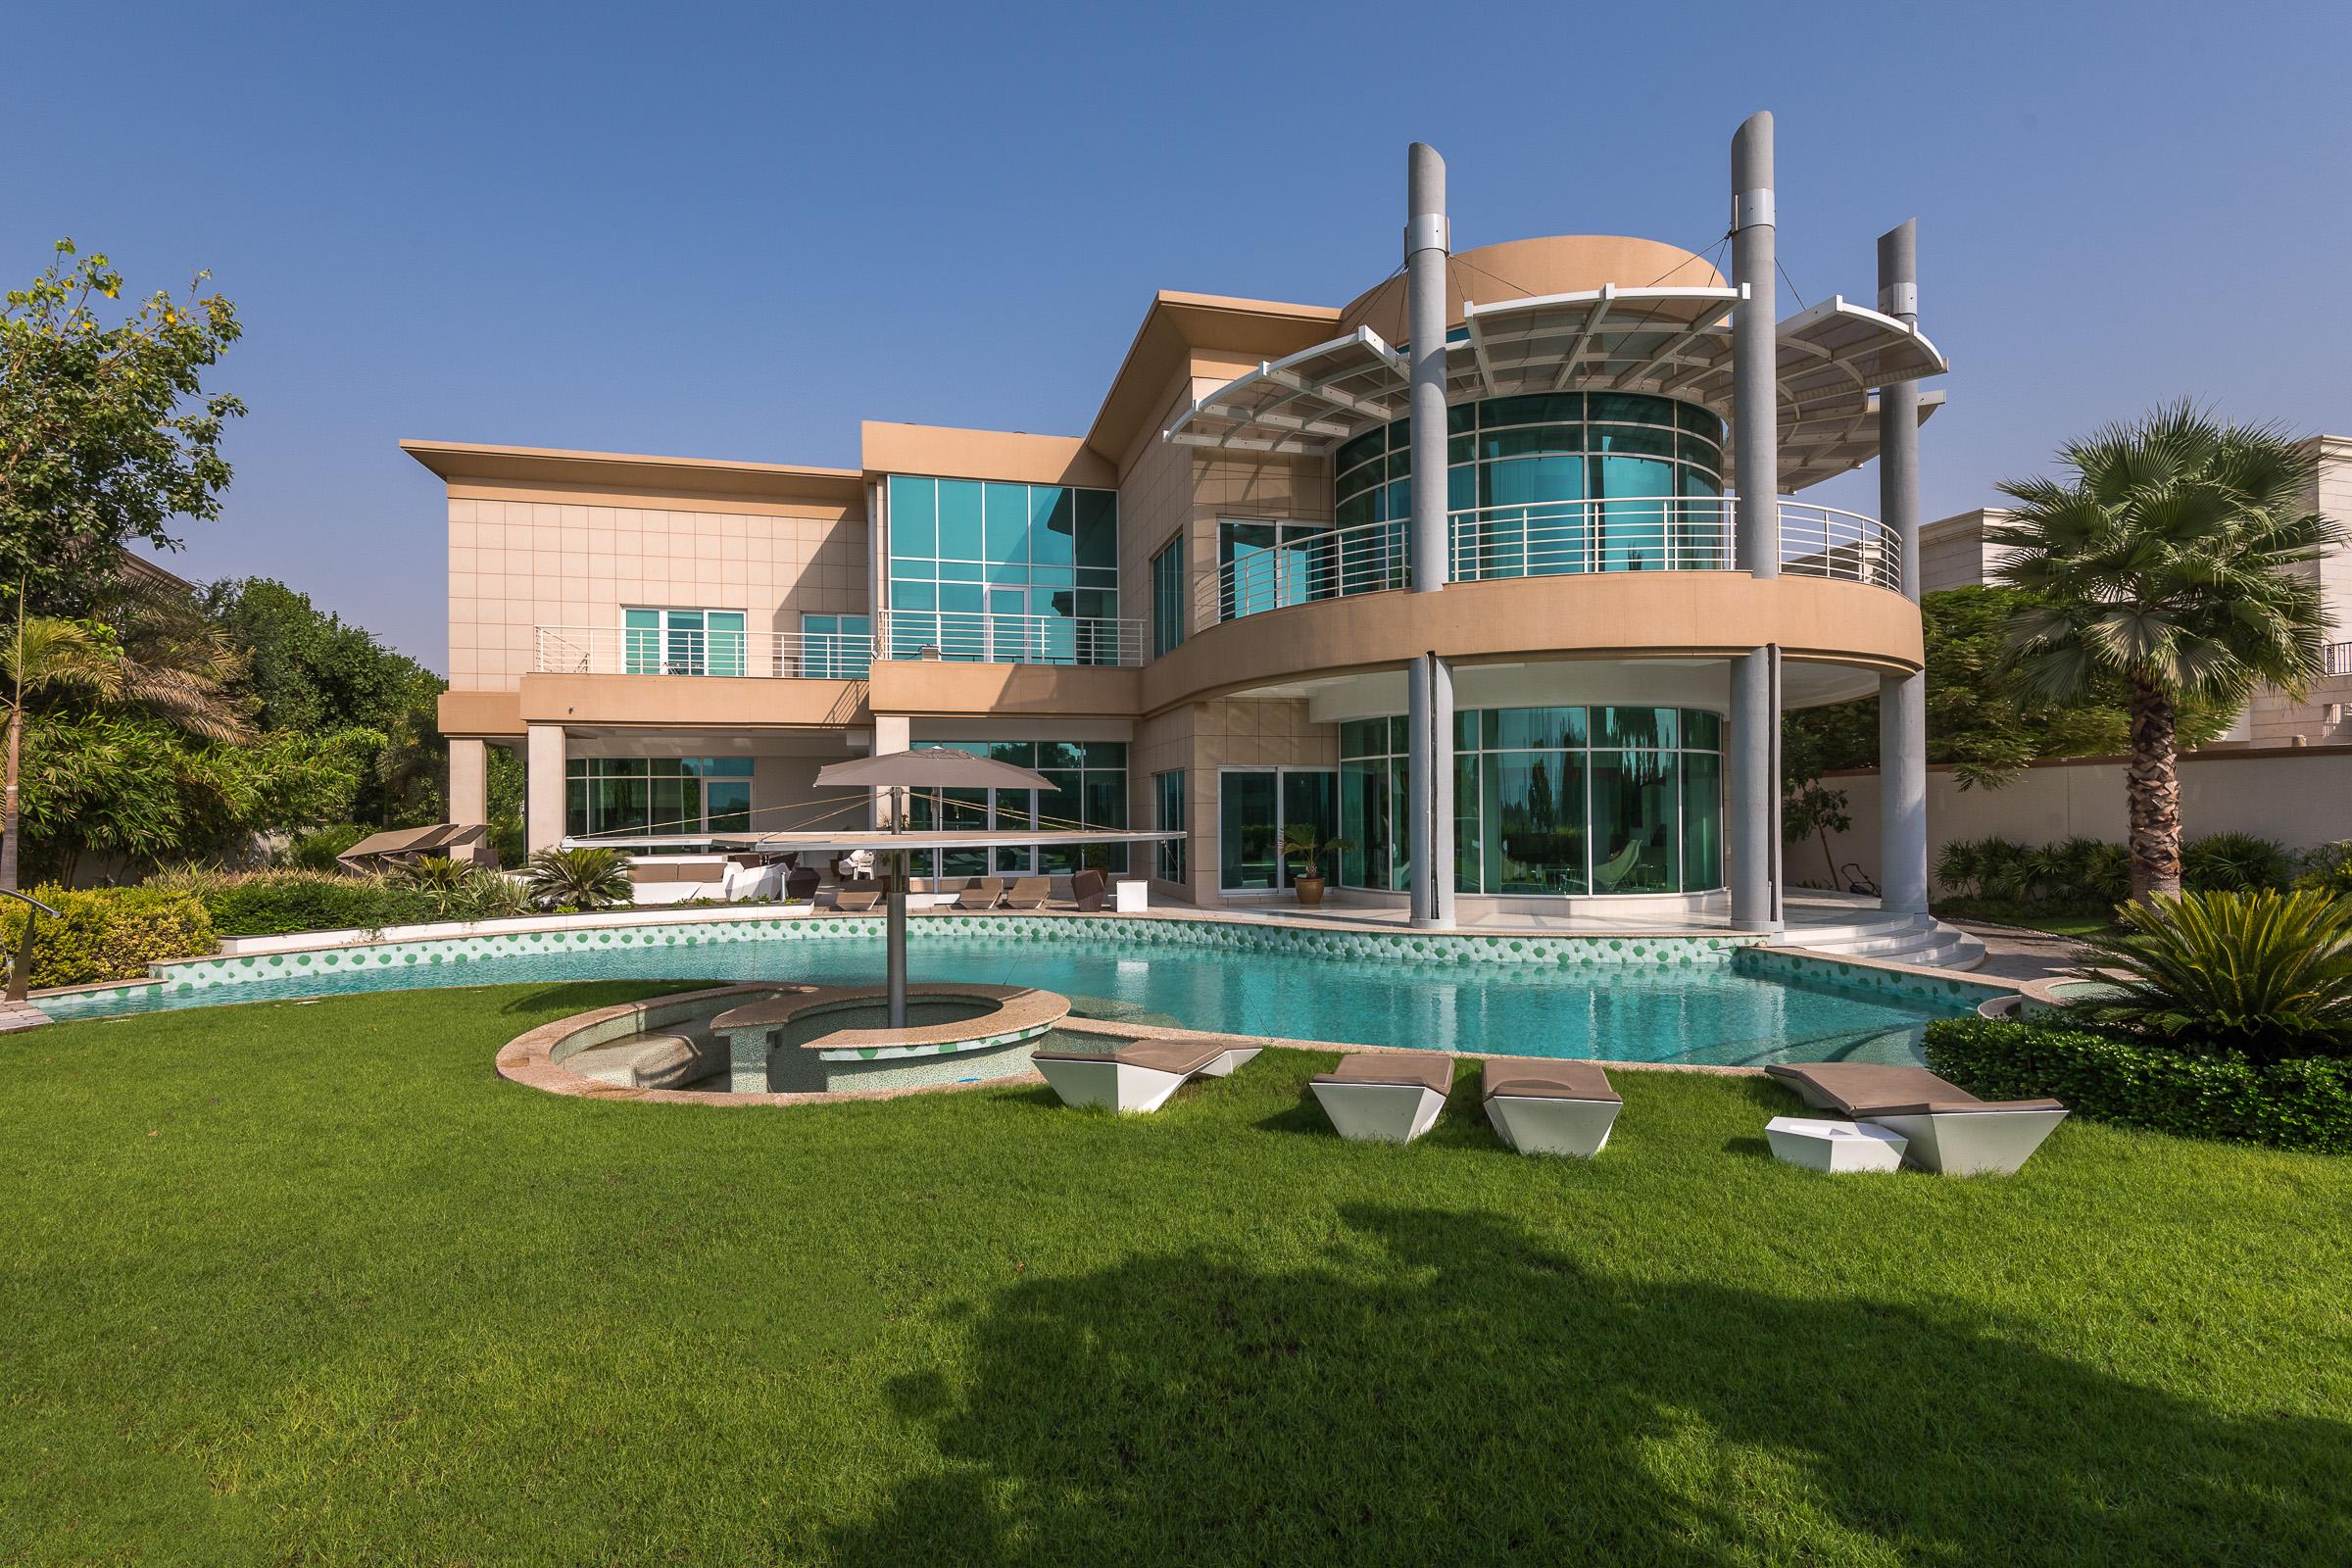 Einfamilienhaus für Verkauf beim Vastu Compliant Villa Emirates Hills, Dubai, Vereinigte Arabische Emirate